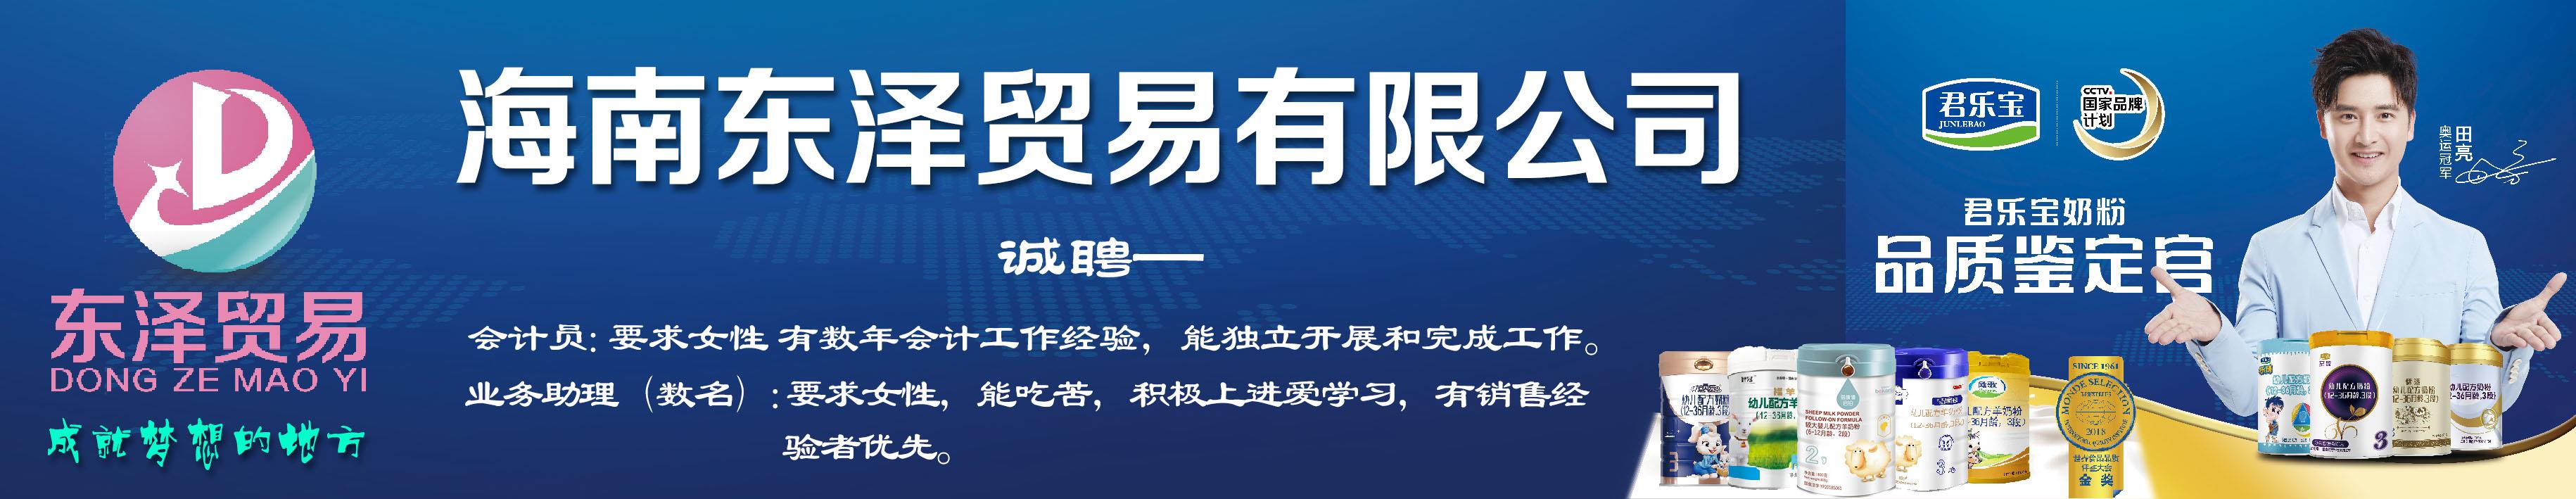 海南东泽贸易有限公司